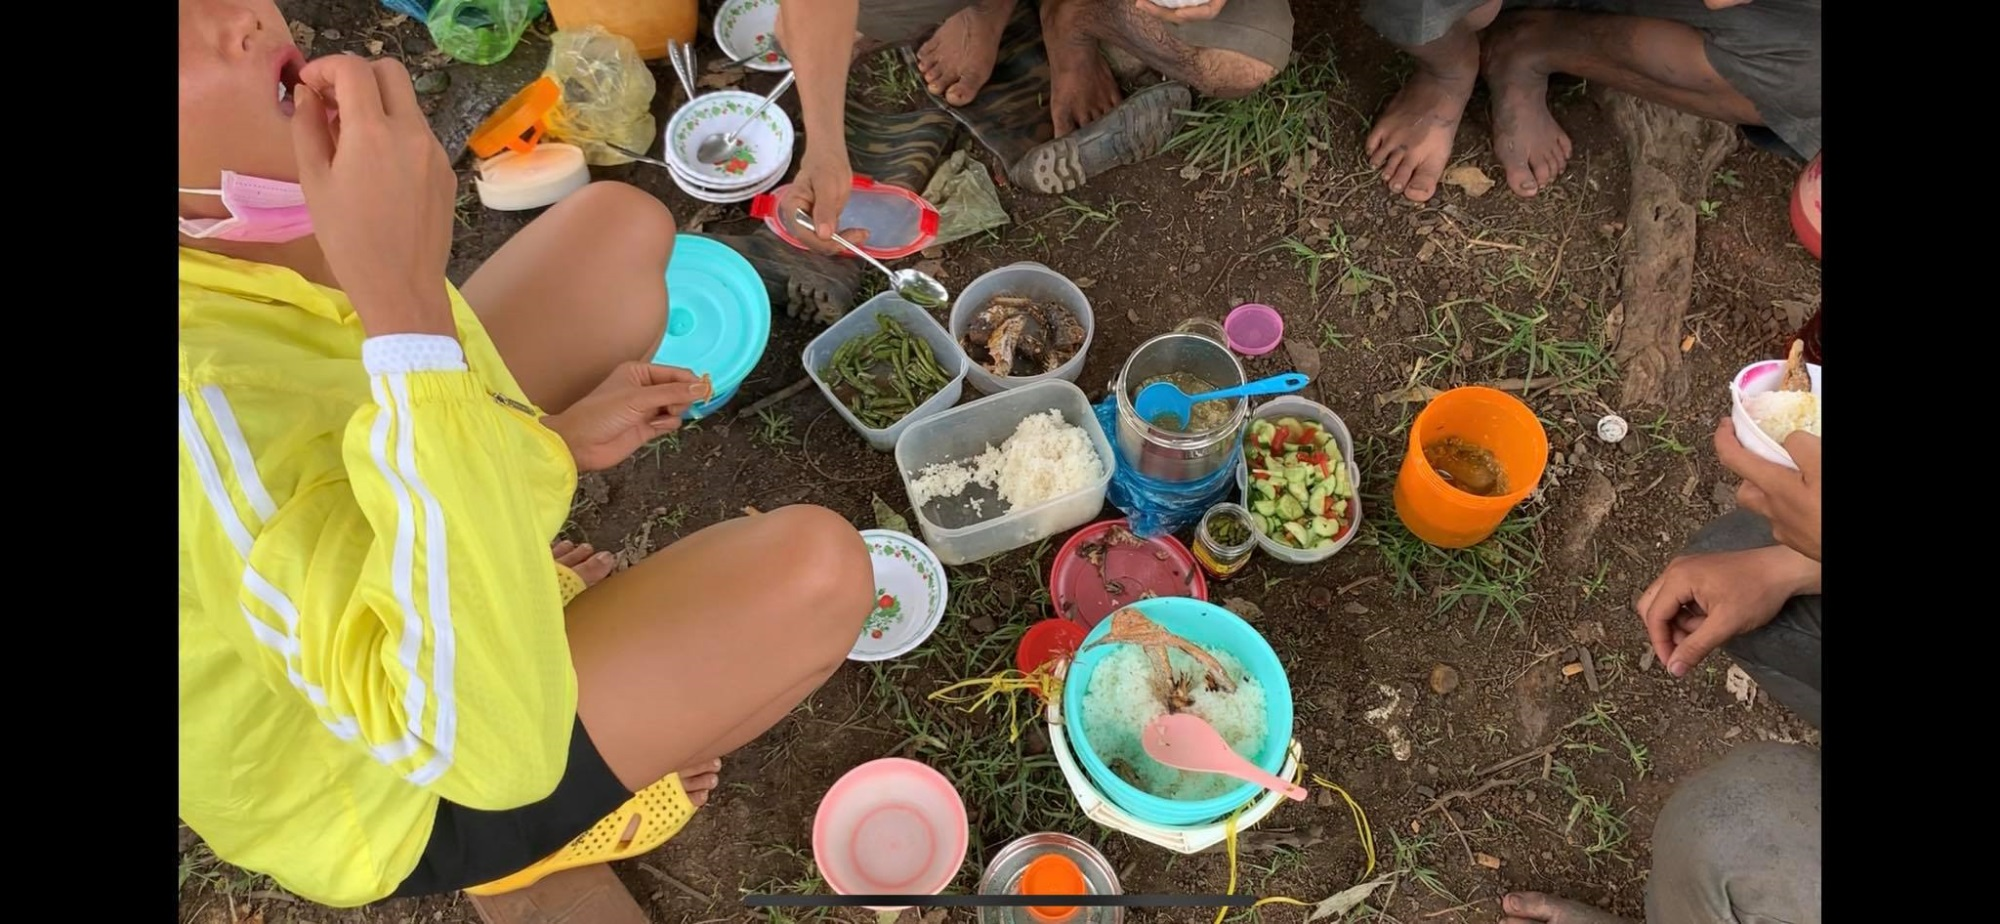 'Phát sốt' với hình ảnh H'Hen Niê bì bõm lội ruộng làm đồng, ngồi chồm hổm ăn cơm với cá khô - Ảnh 6